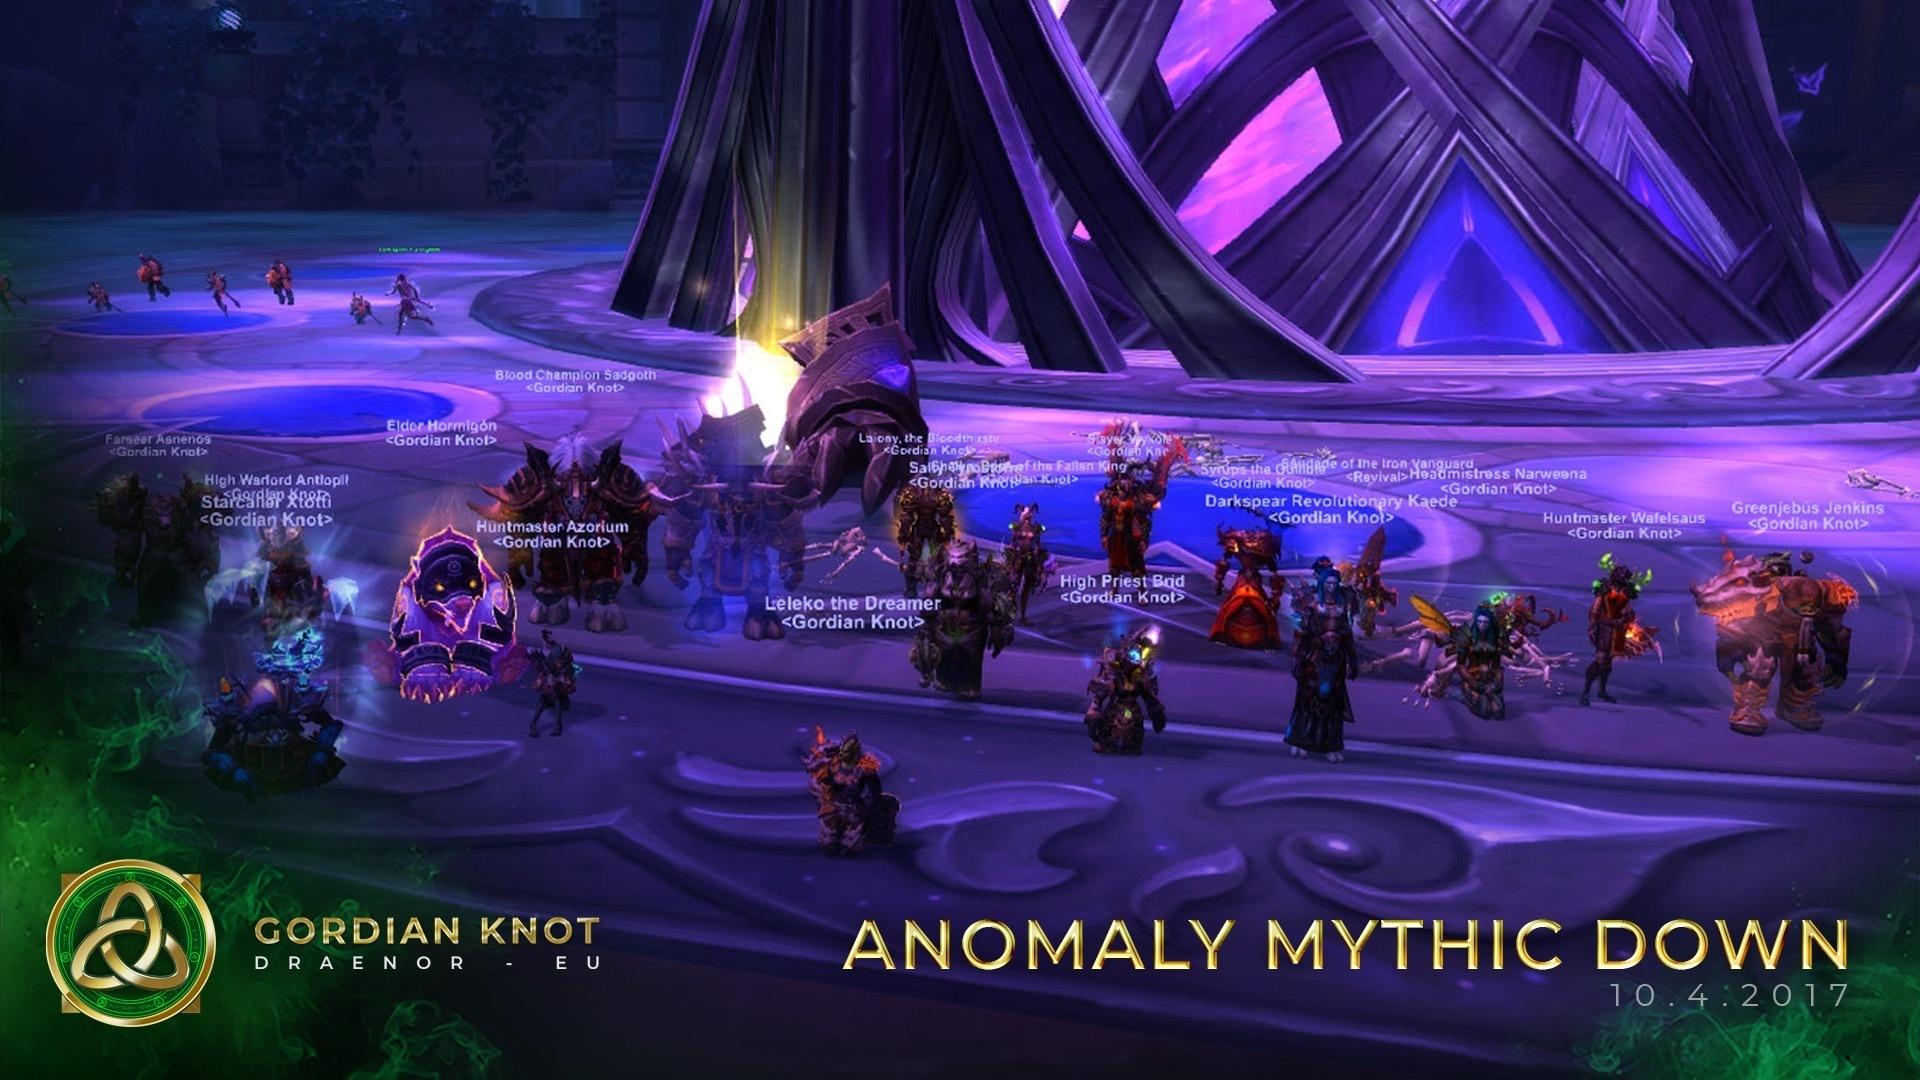 Chronomatic Anomaly Mythic